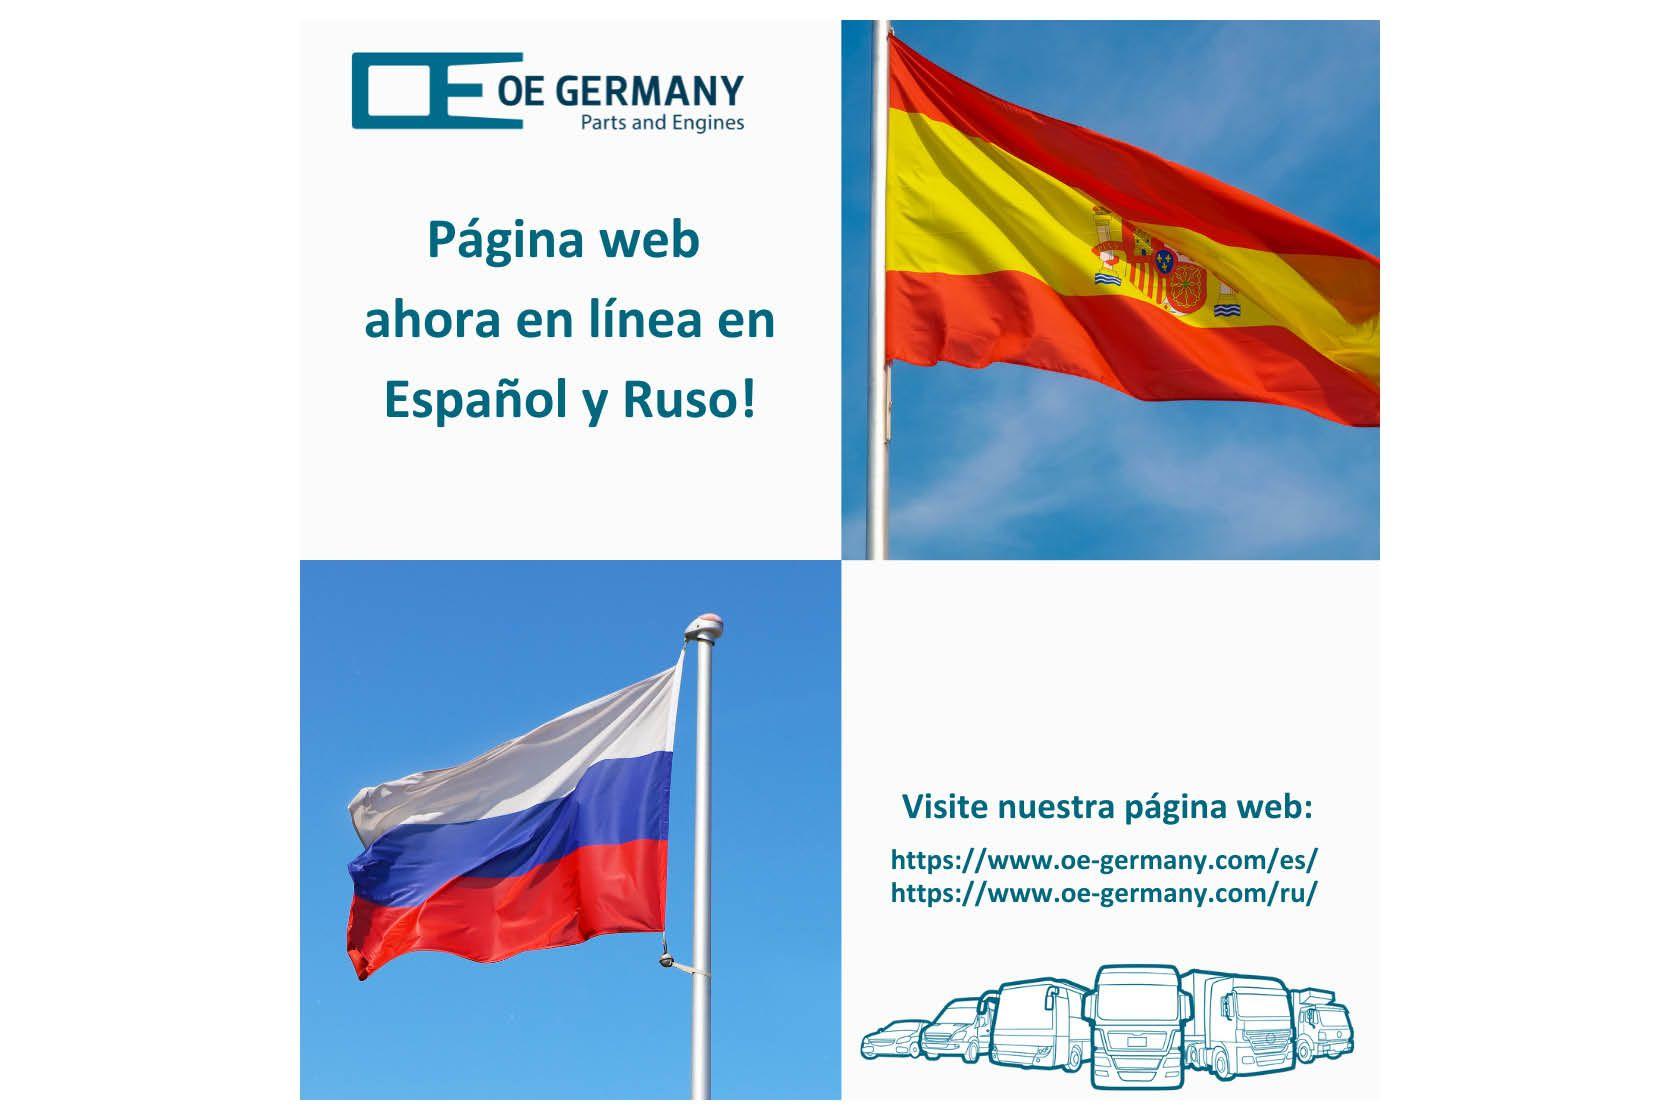 Página web ahora también en línea en español y ruso.